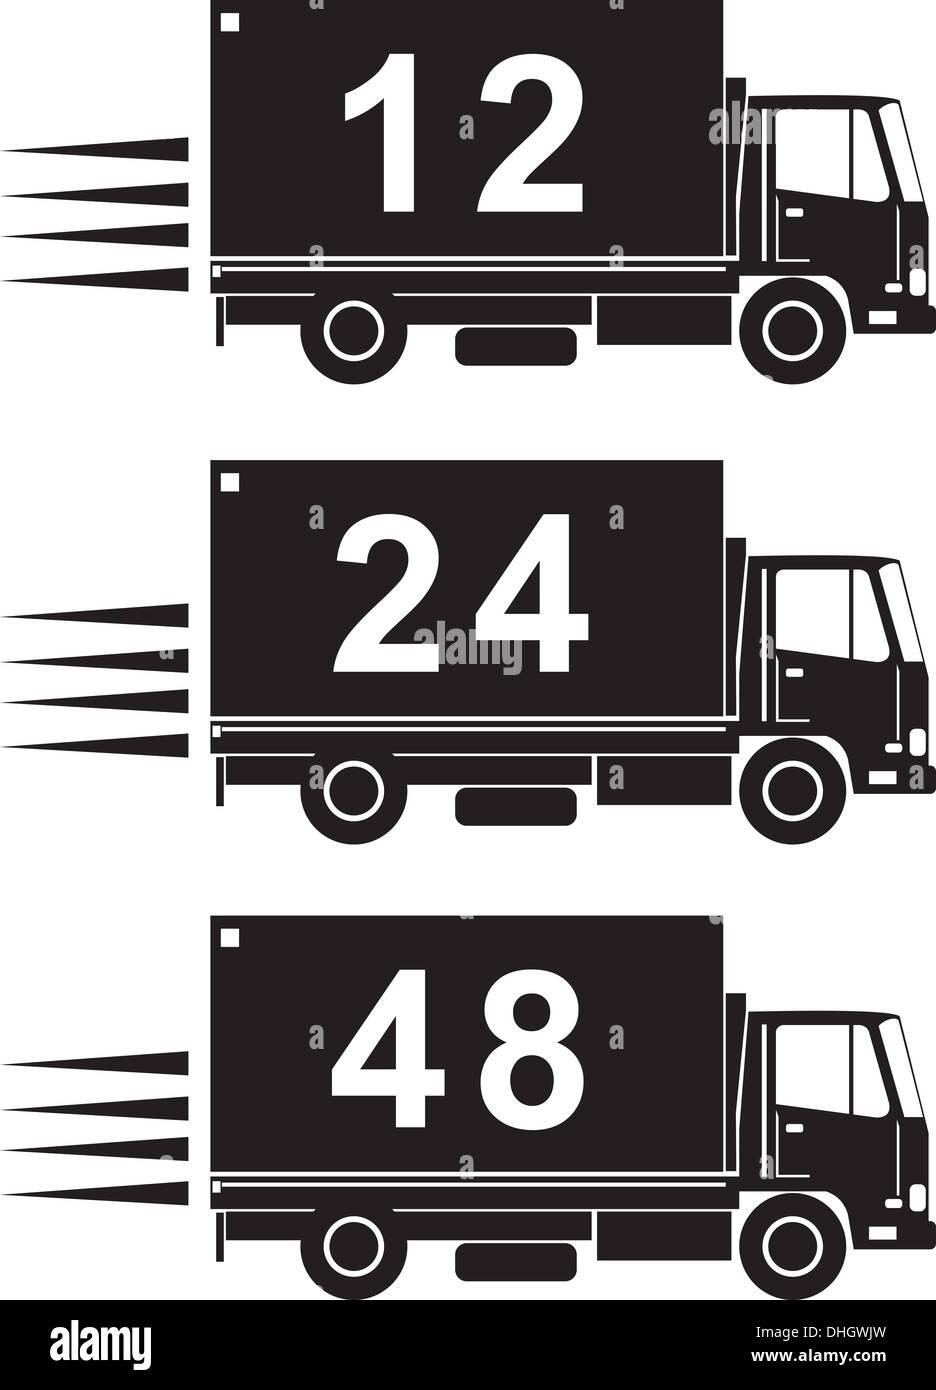 mode 24 stunden lieferung schuhe online kaufen stunden lieferung with mode 24 stunden lieferung. Black Bedroom Furniture Sets. Home Design Ideas